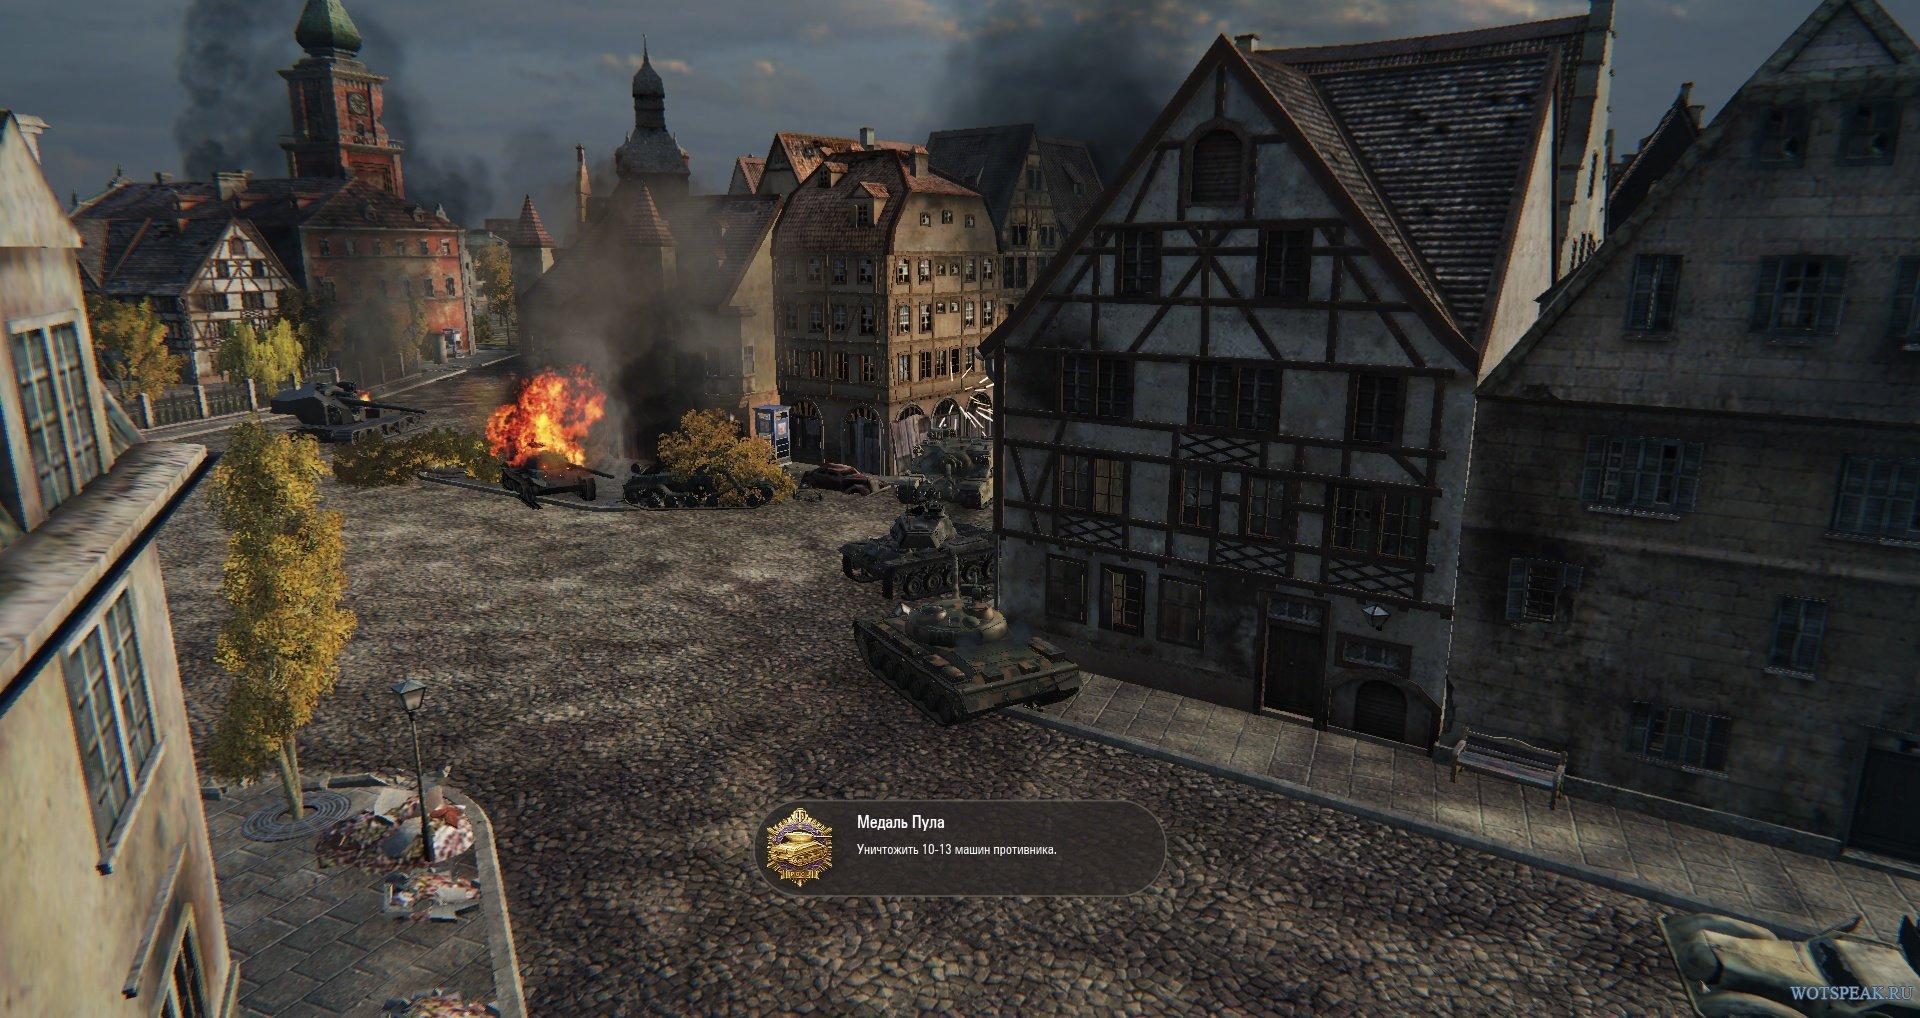 world of tanks achievements in battle mod